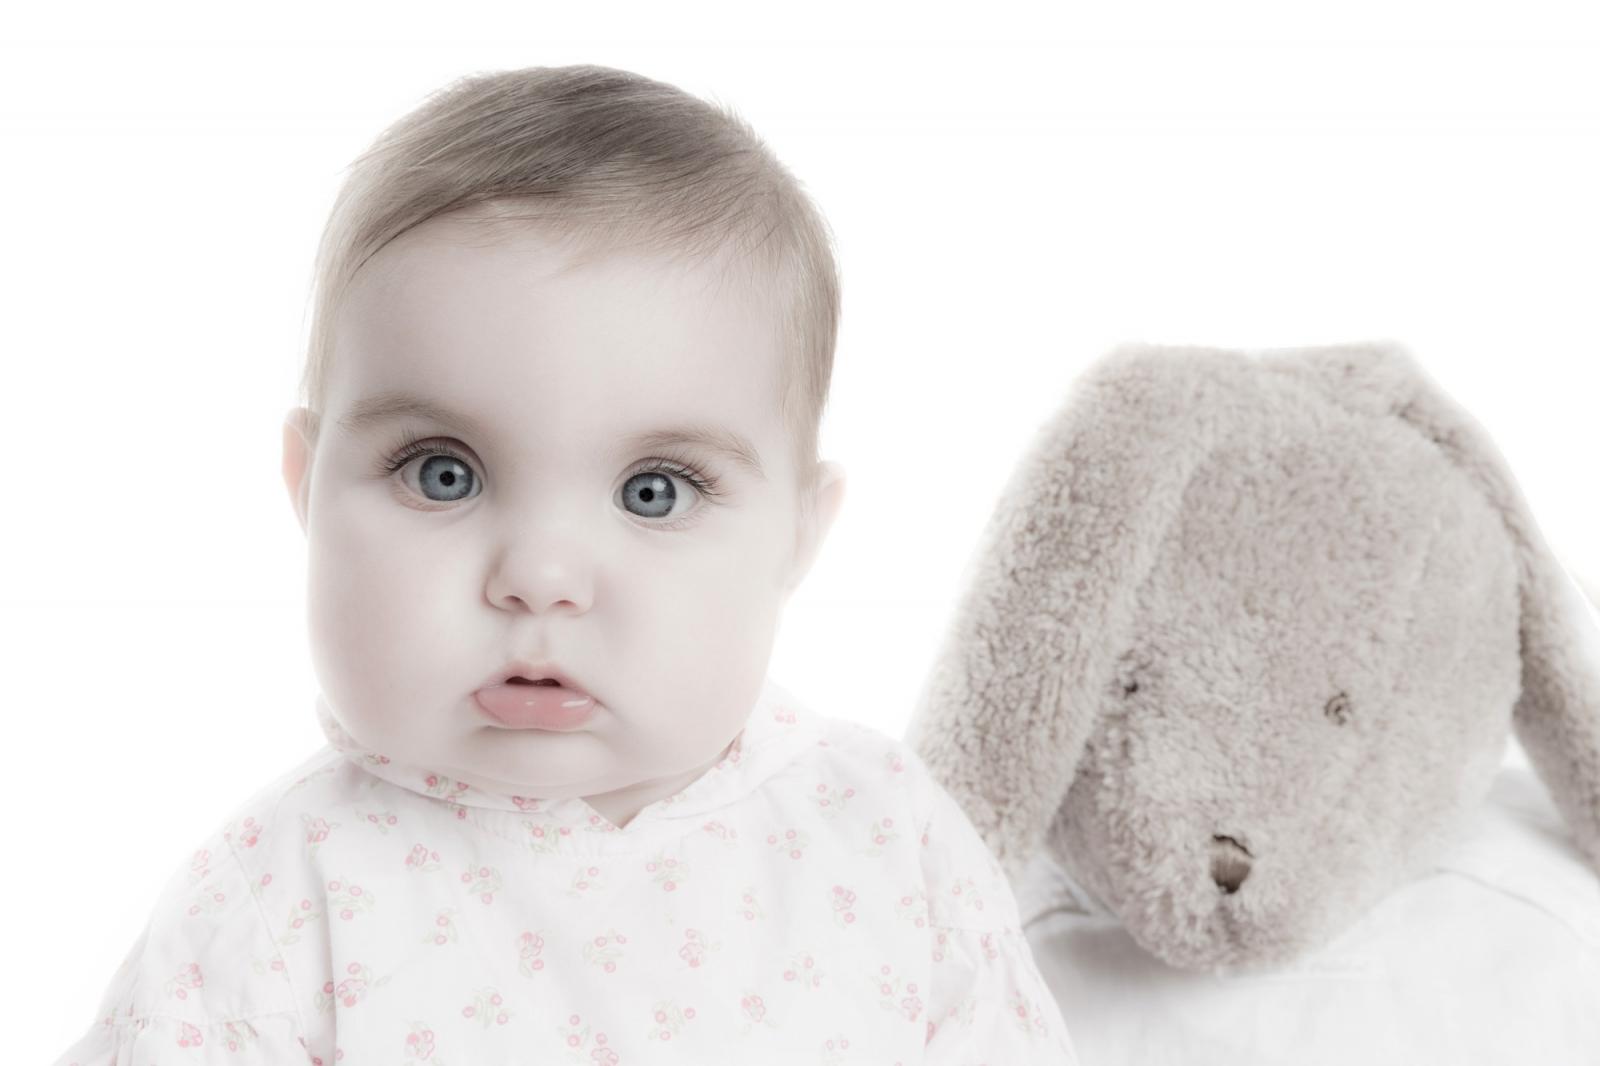 Babyportret door Studio Ketels. Baby die net kan zitten, kijkt recht in de lens. Naast haar zit een groot knuffelbeest. Beiden zijn even groot.